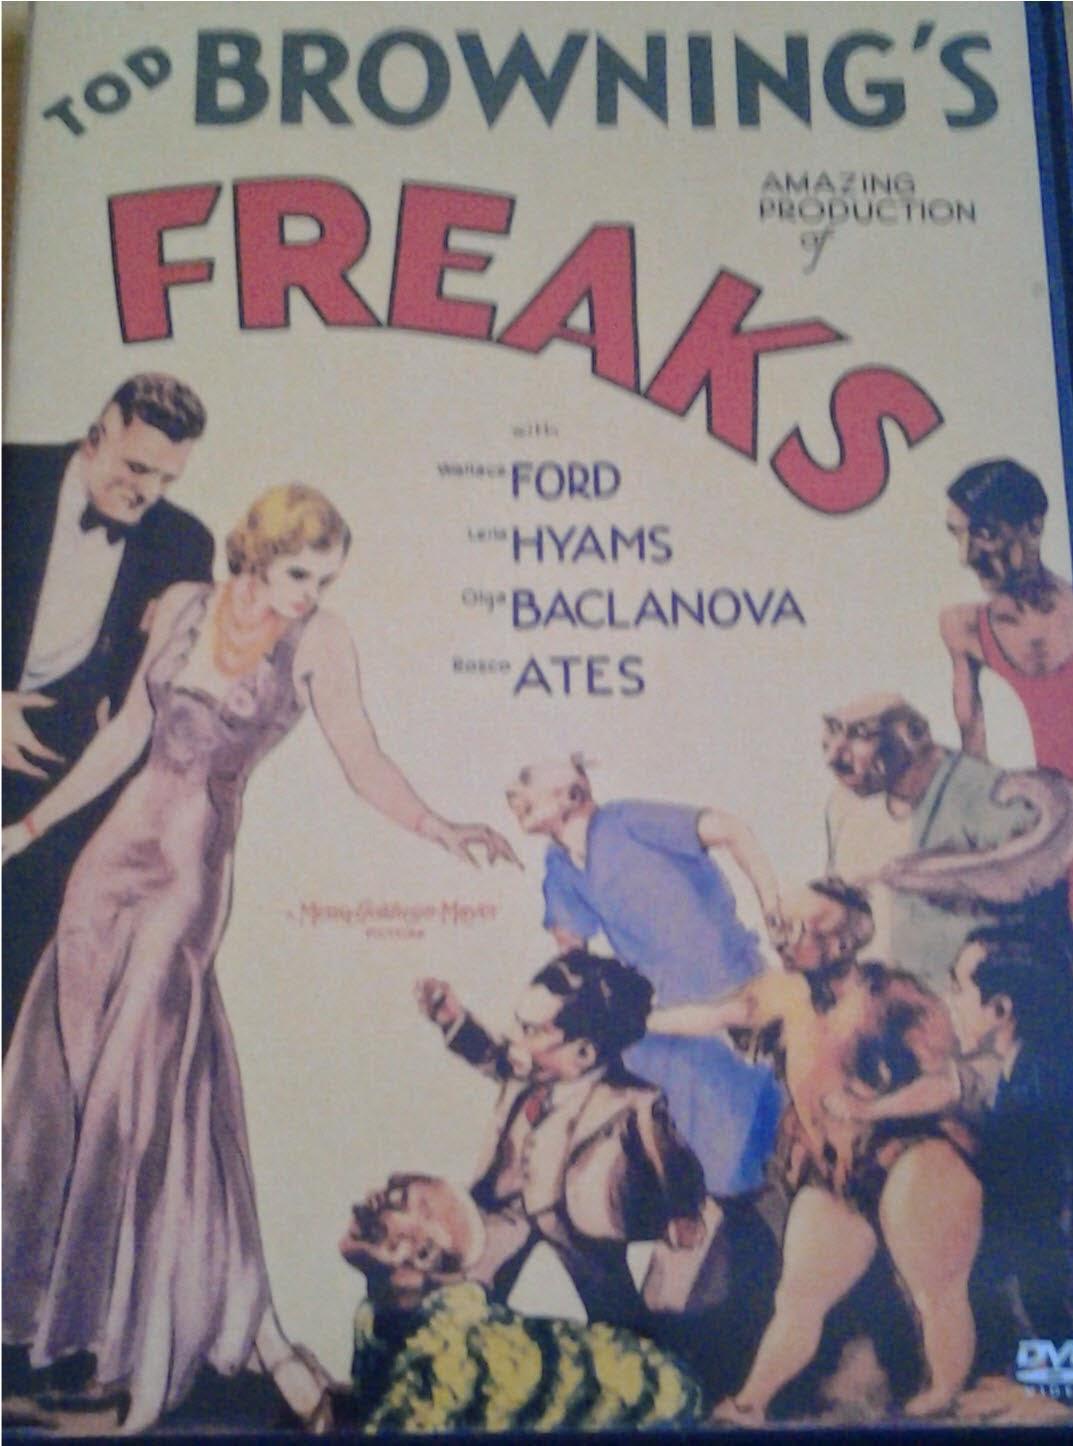 DVD Cover - Freaks